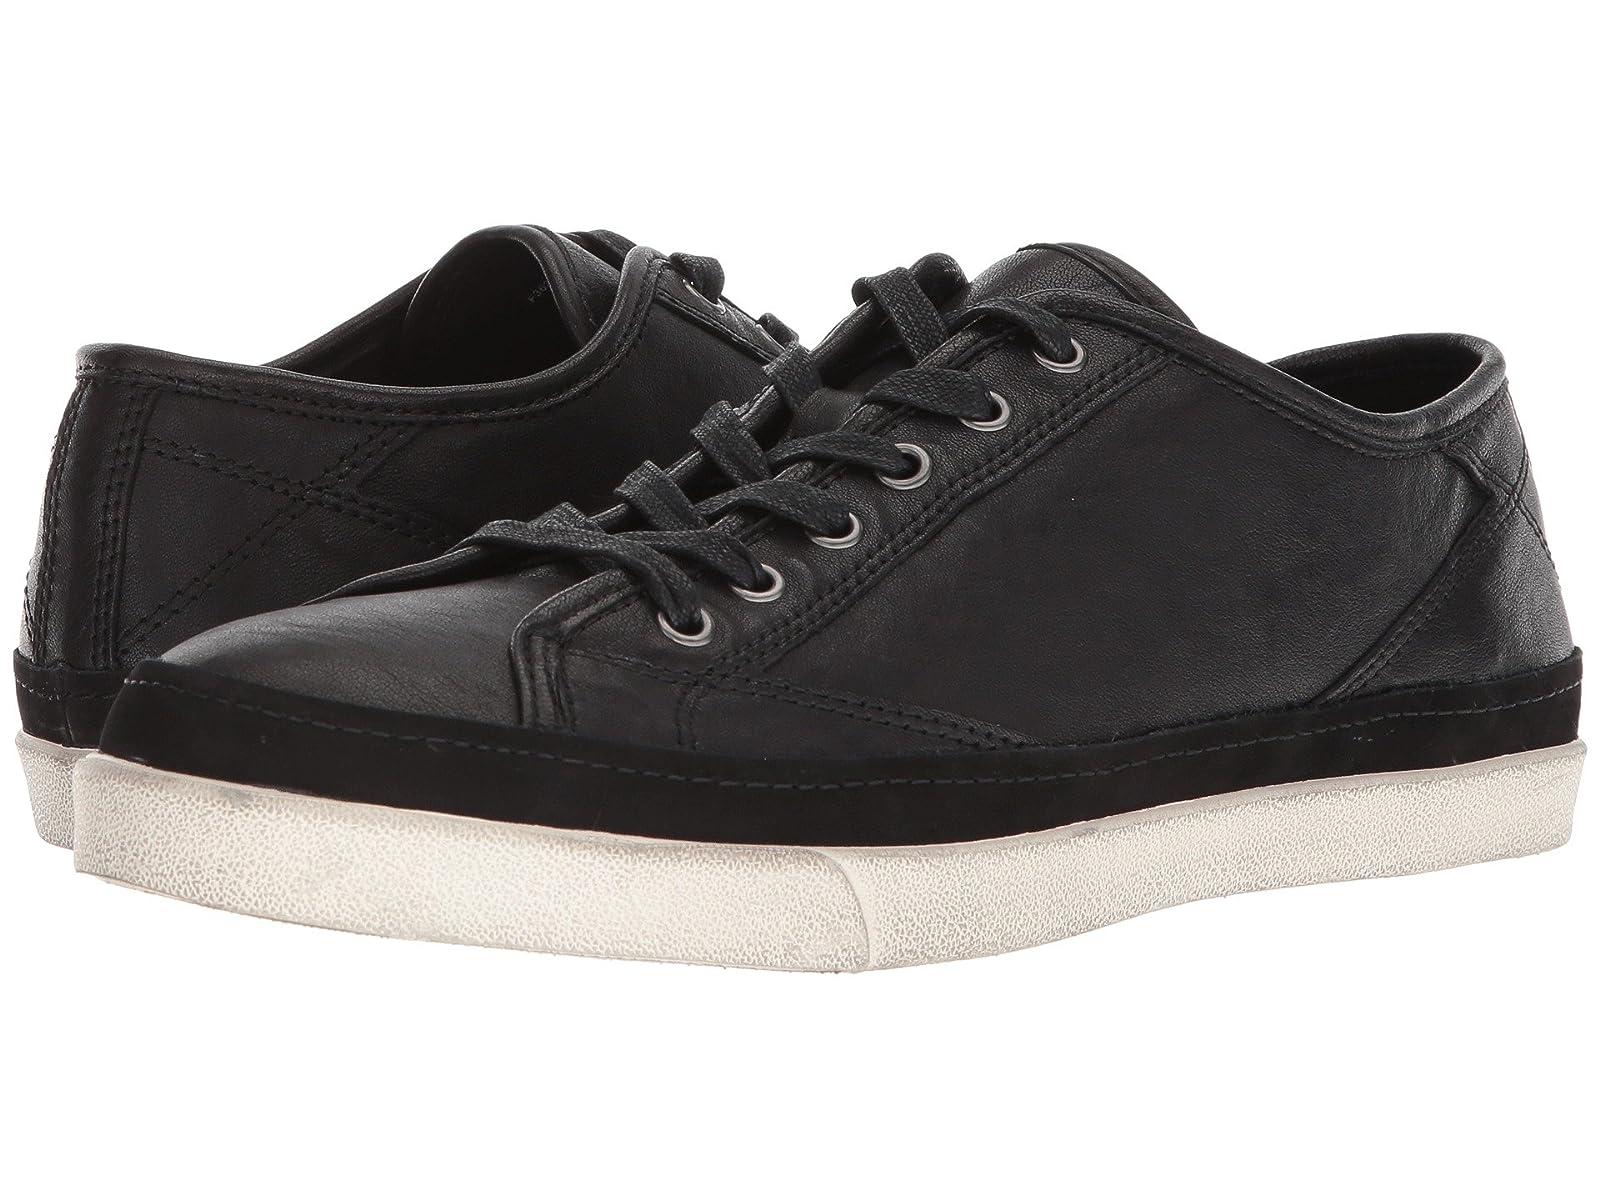 John Varvatos Jet Lace-UpAtmospheric grades have affordable shoes